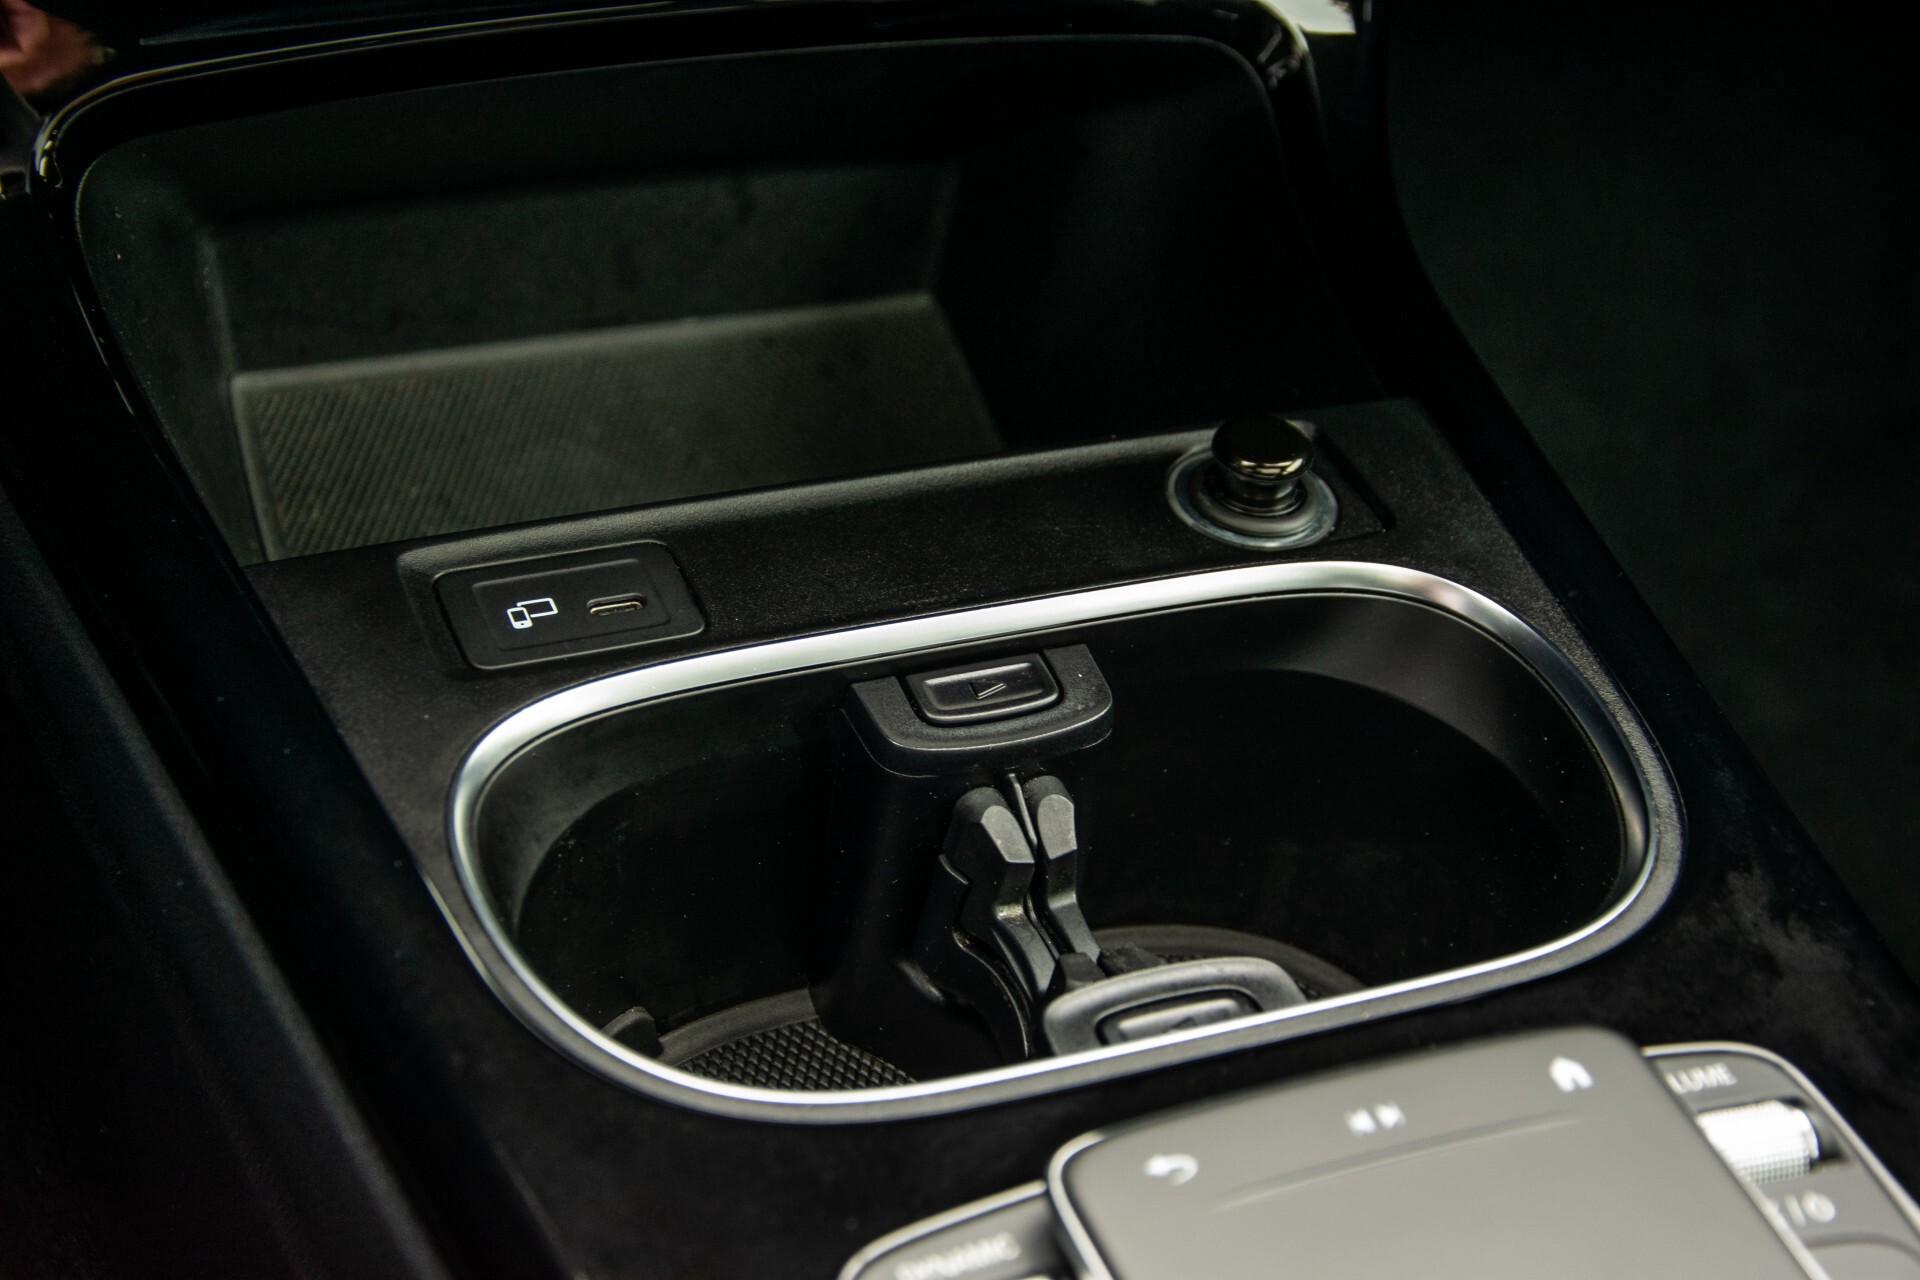 Mercedes-Benz A-Klasse 180 d AMG Panorama/MBUX/DAB/LED Aut7 Foto 24